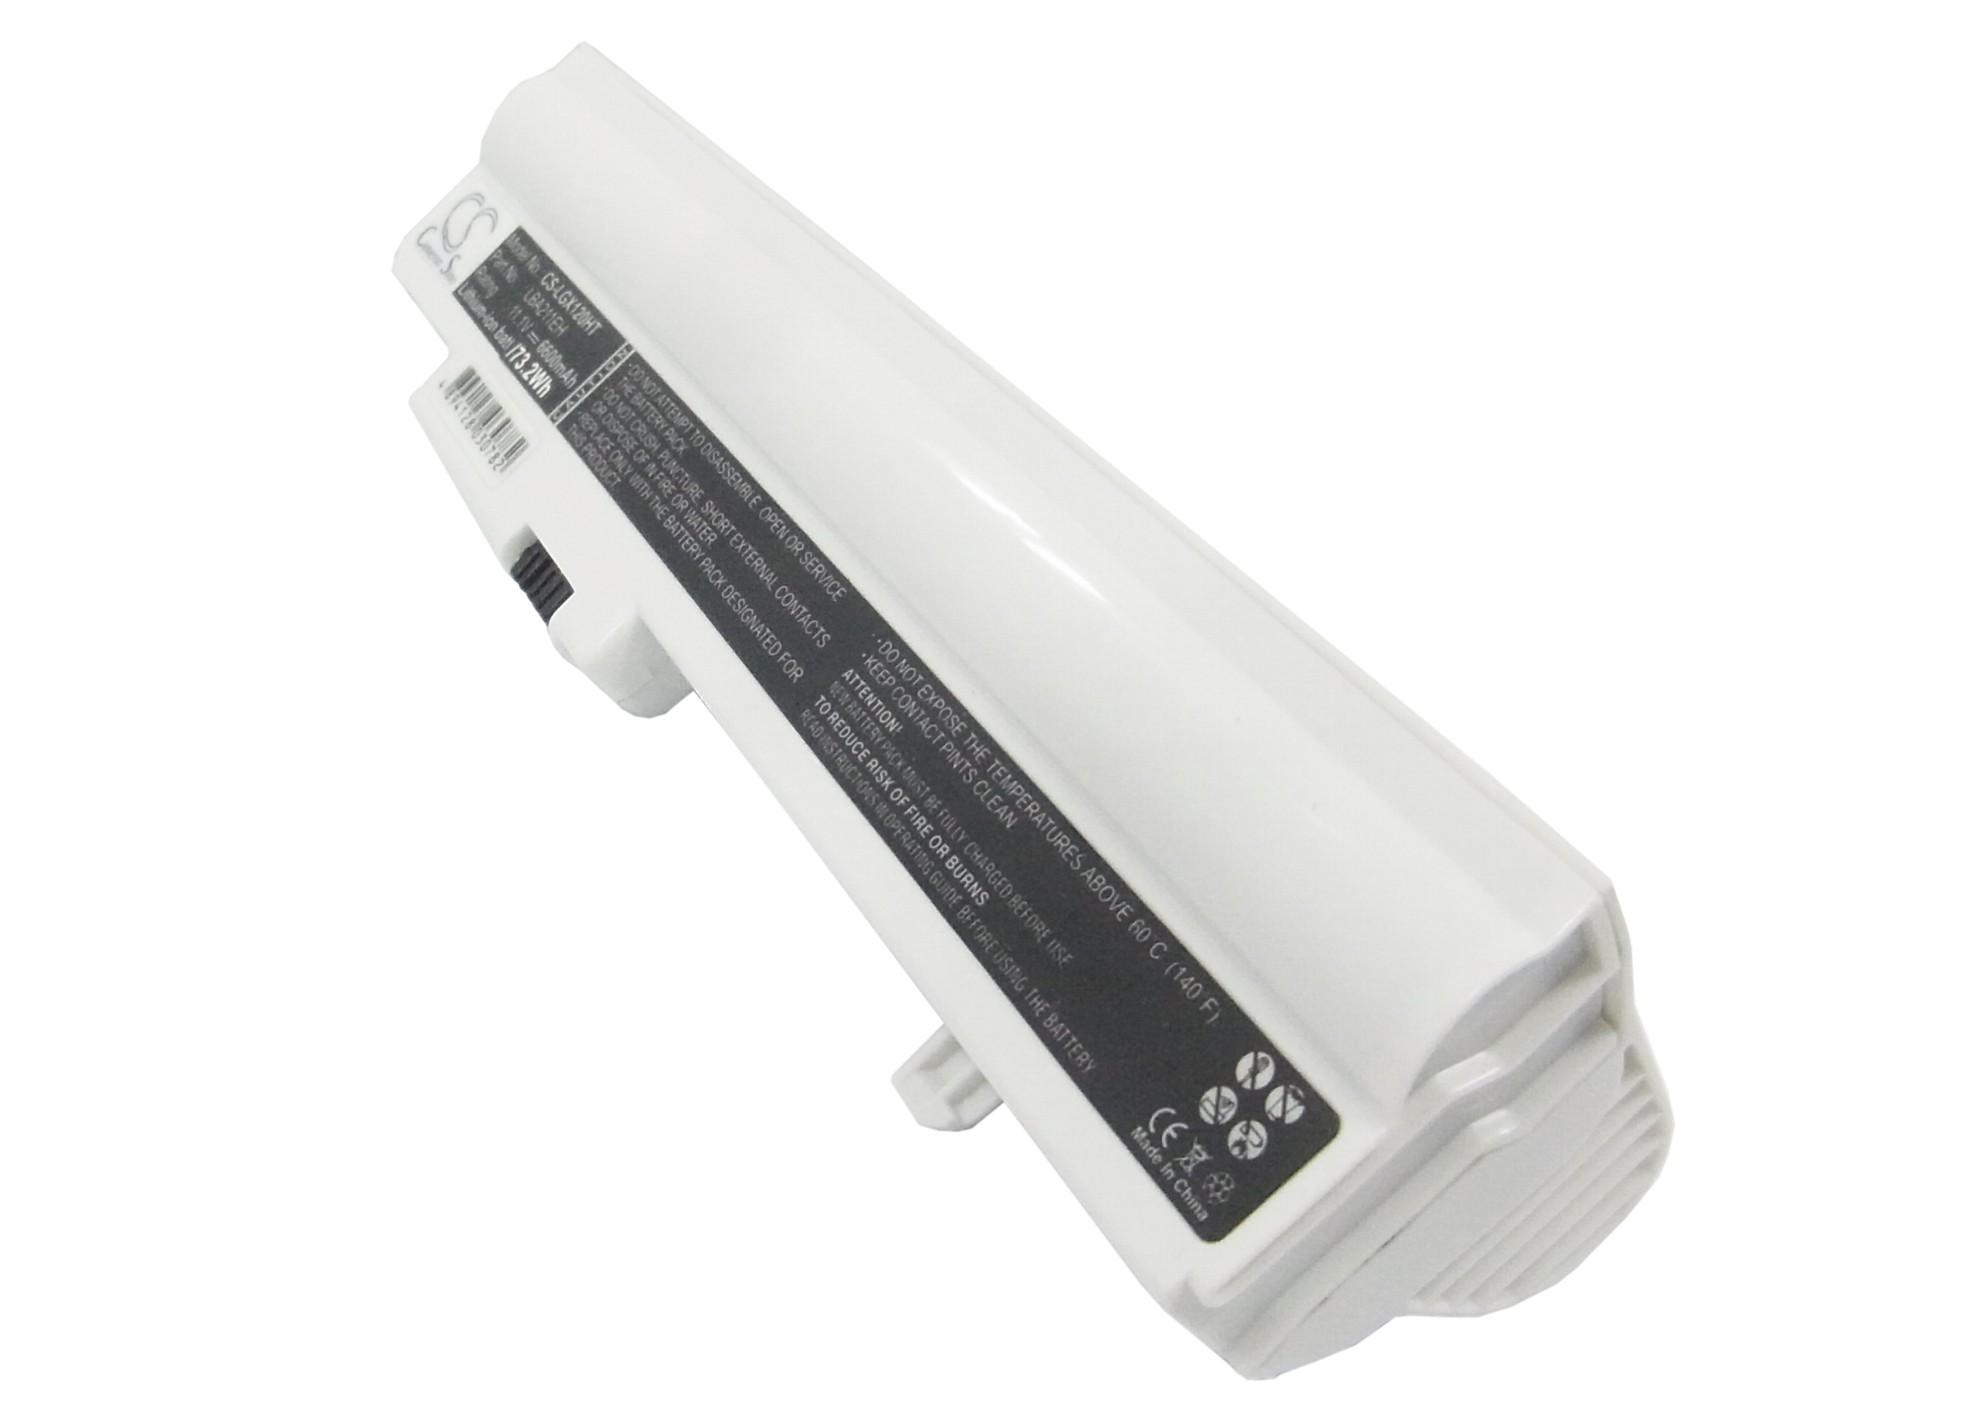 Cameron Sino baterie do netbooků pro LG X130-G 11.1V Li-ion 6600mAh bílá - neoriginální